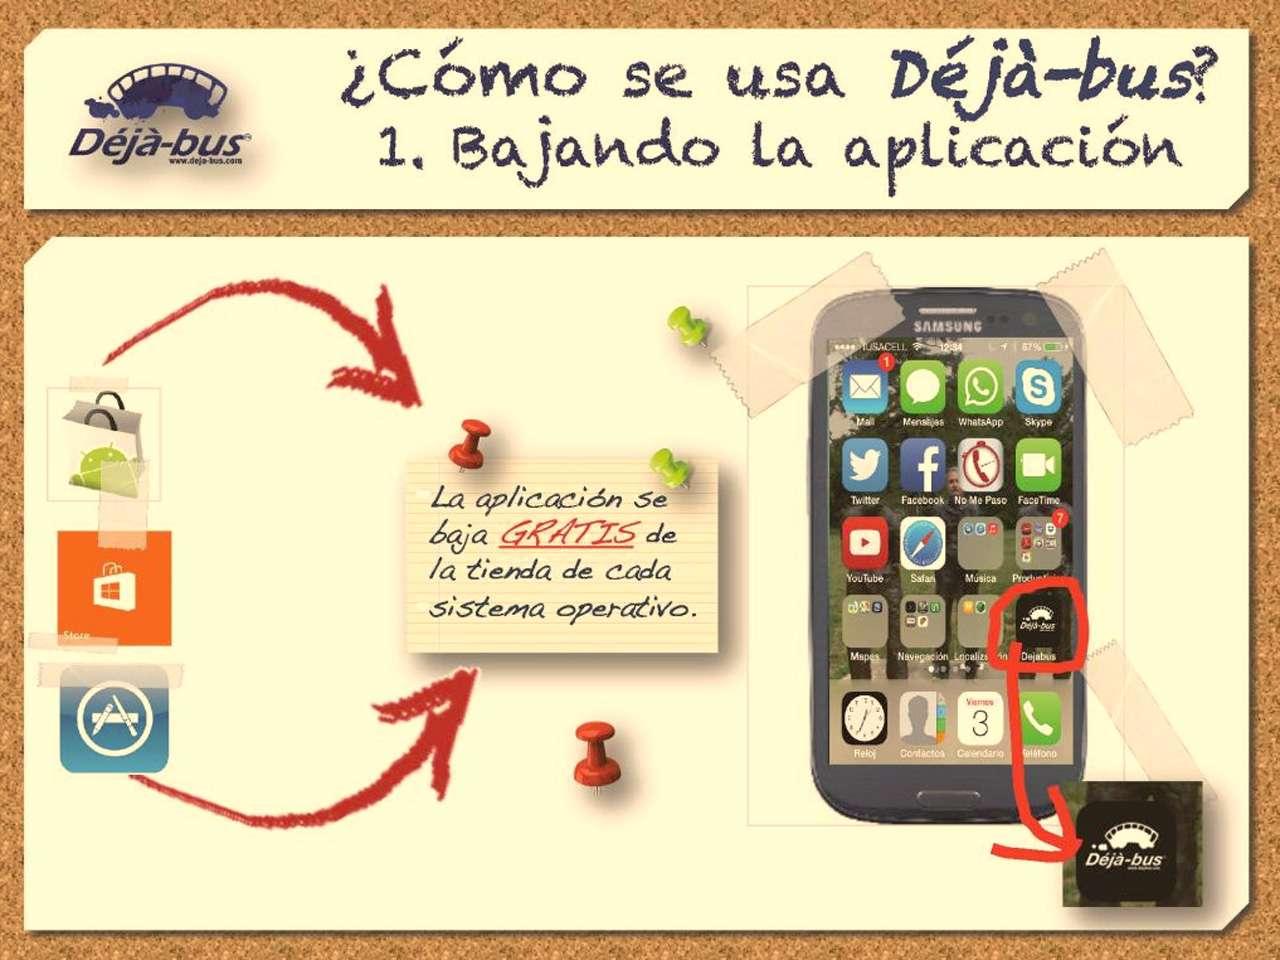 La app es gratuita y se puede descargar en smartphone o tableta Foto: Déjà-bus